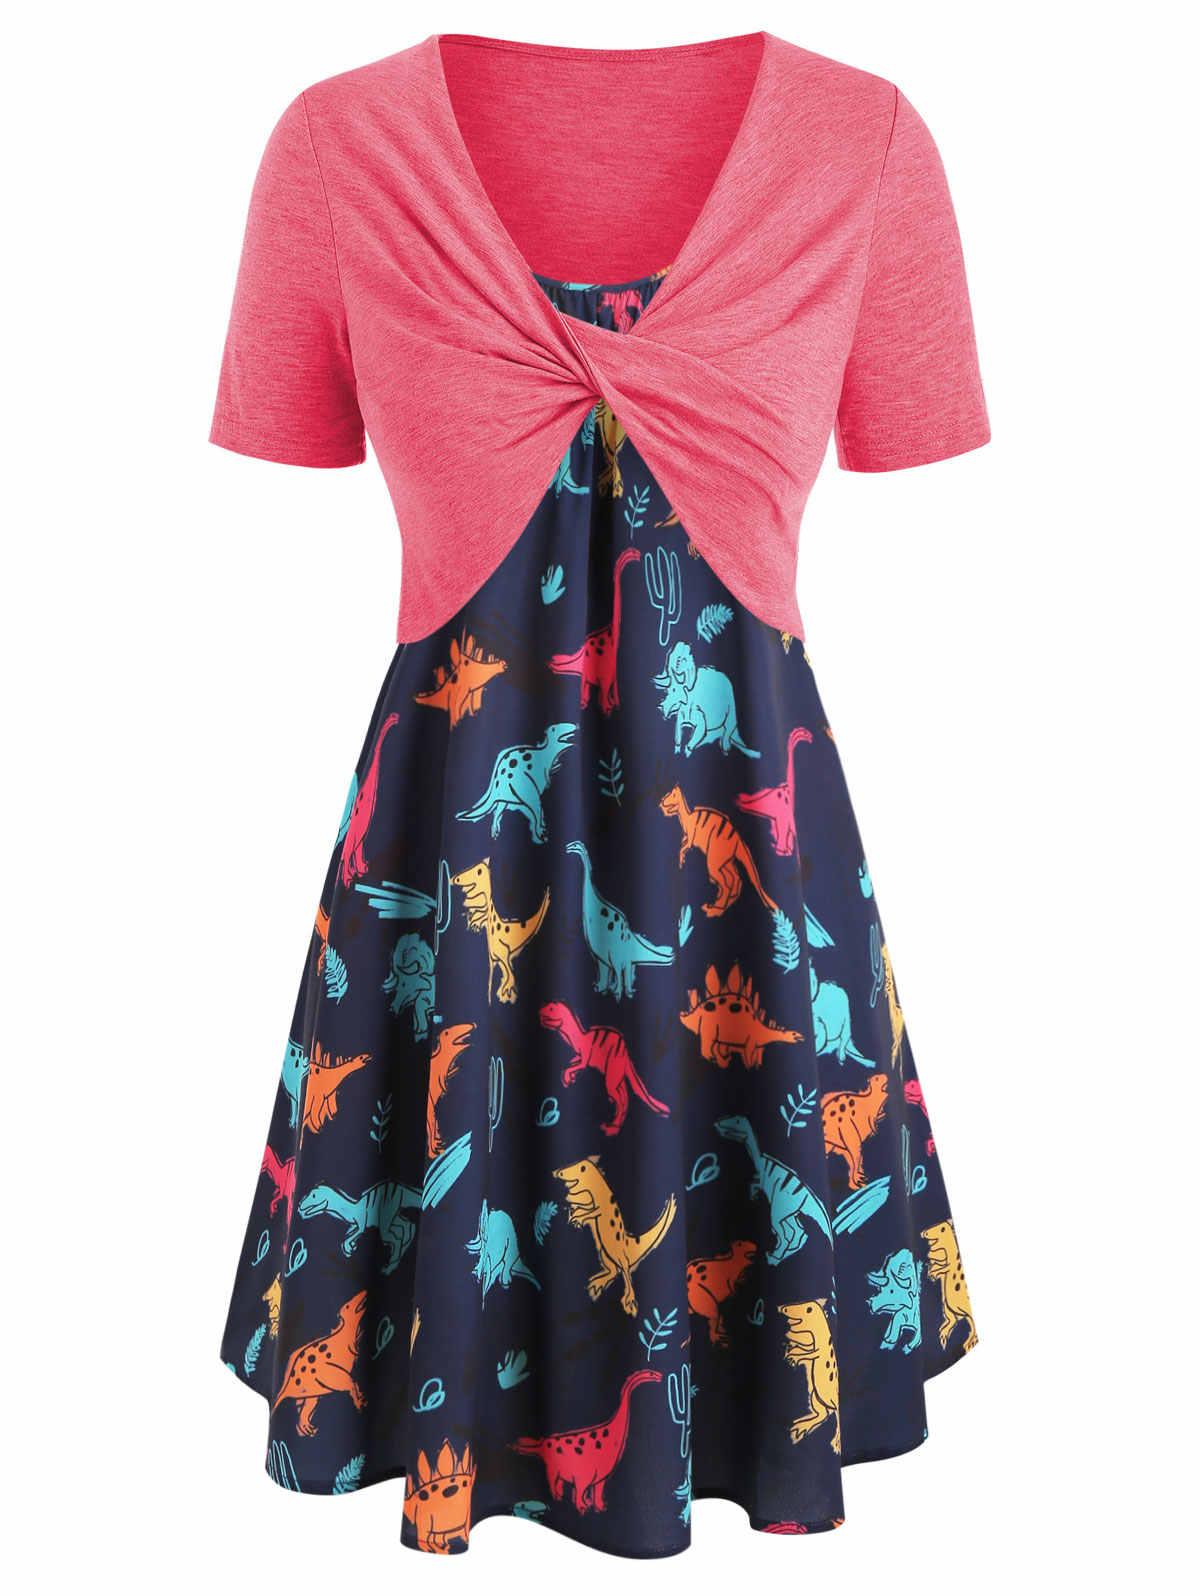 Wipalo размера плюс с принтом динозавра гофрированное платье с крученым топом А-силуэта женское платье с высокой талией на бретельках летнее платье с принтом в виде животного